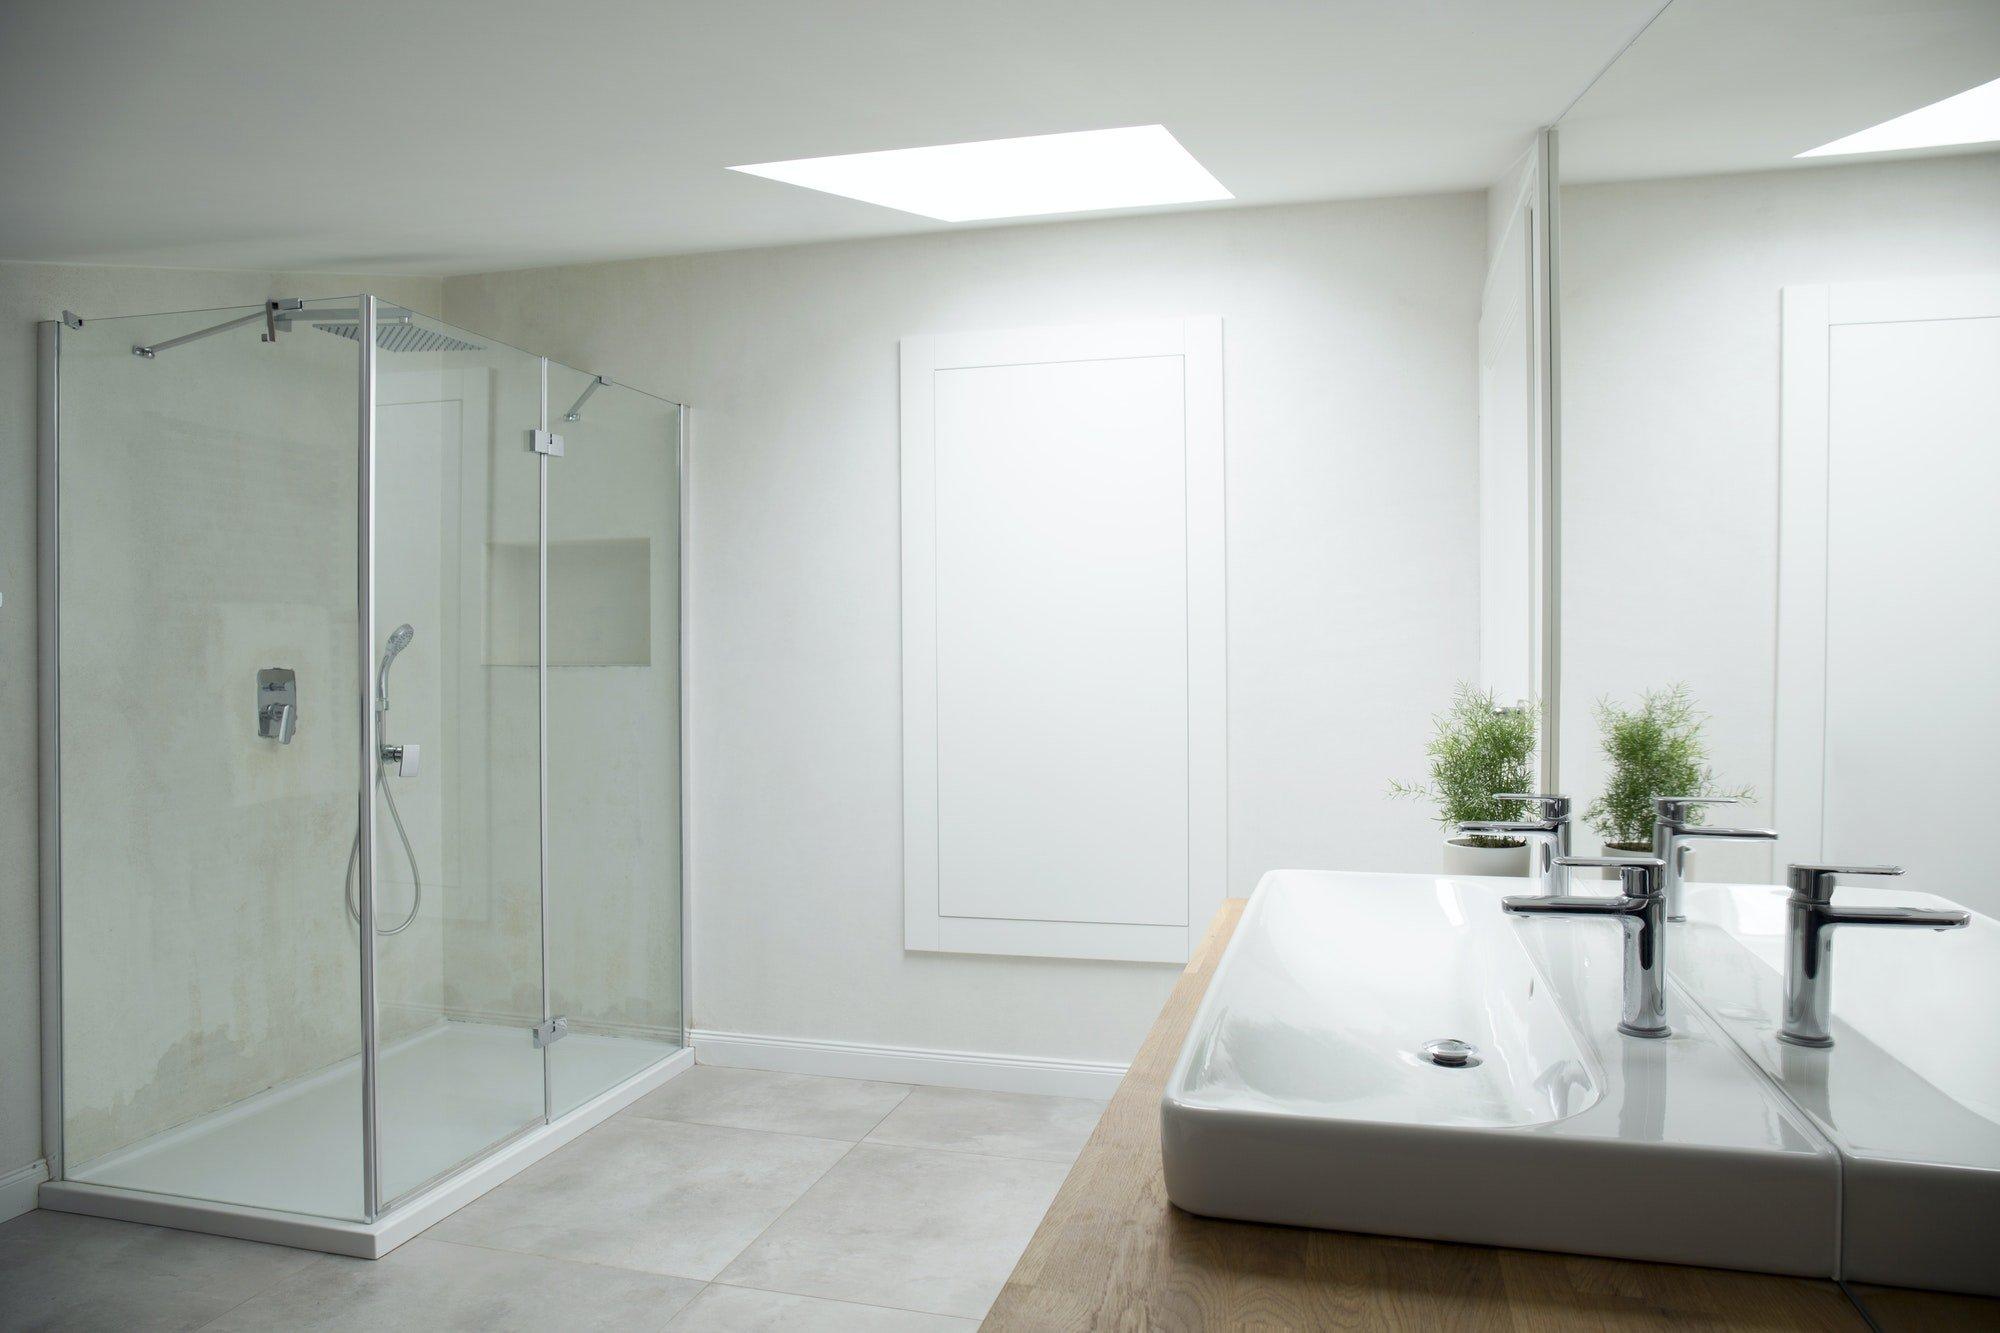 Interior de baño blanco con ventana de aluminio